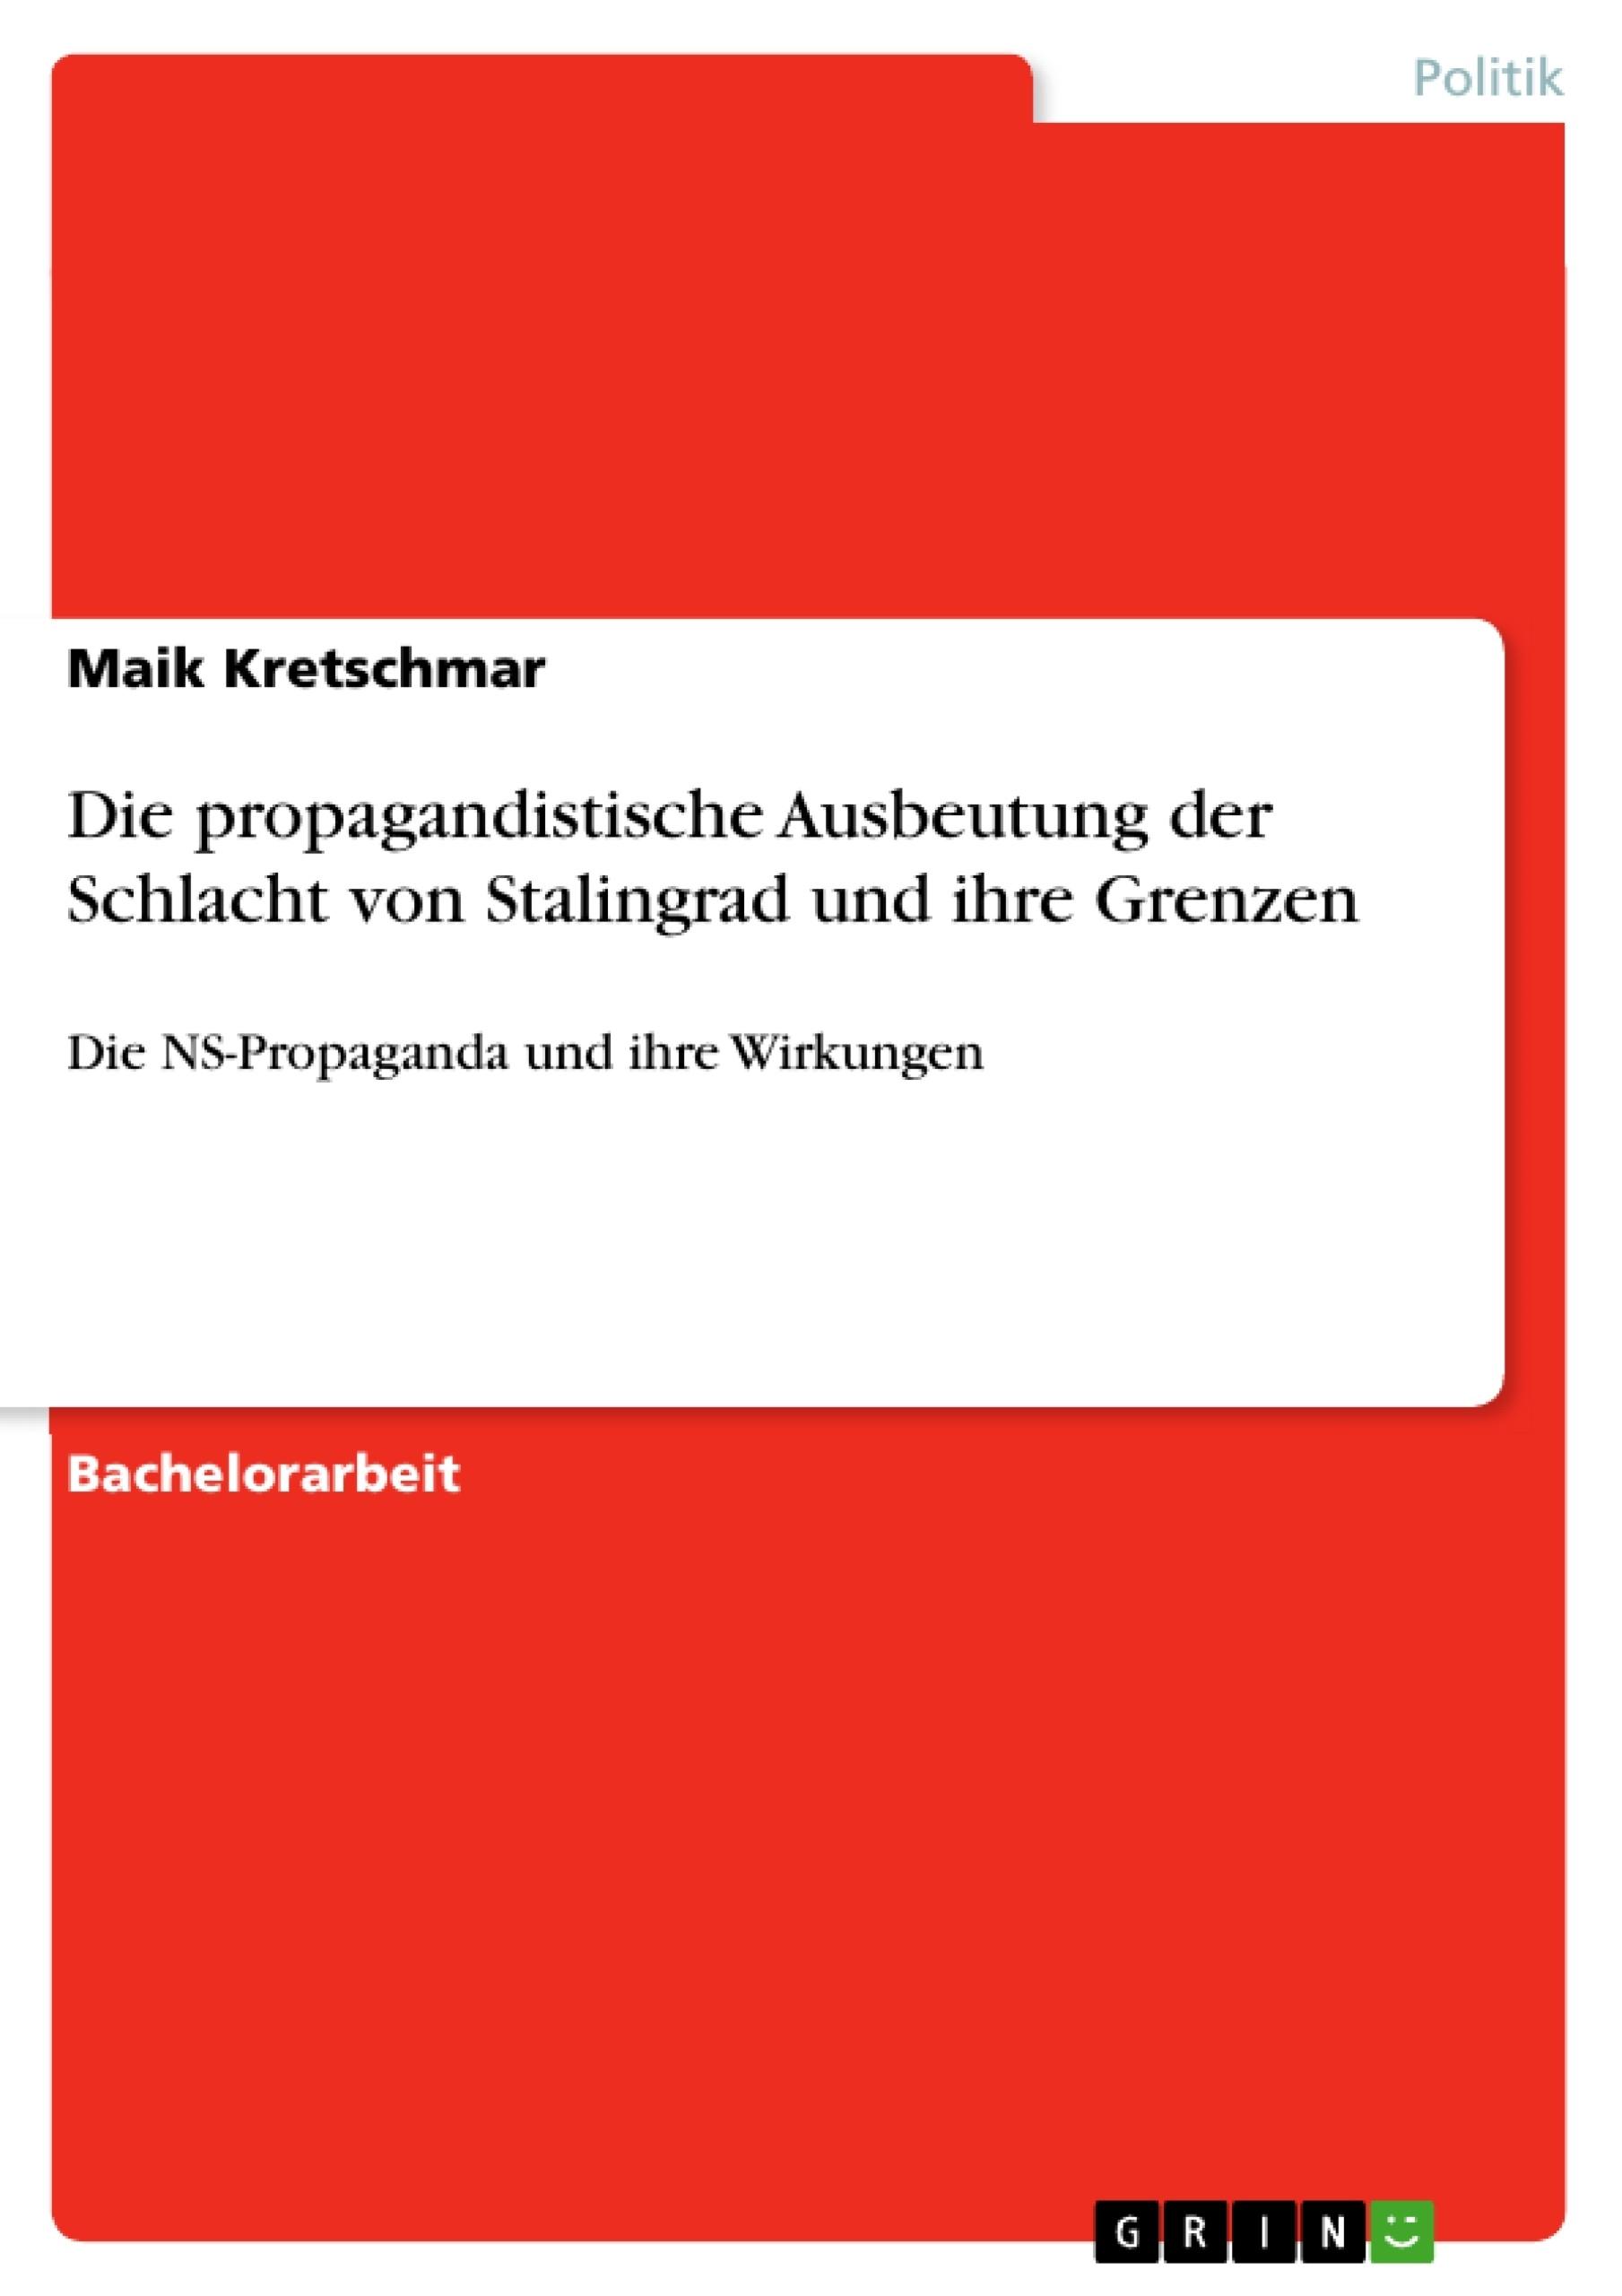 Titel: Die propagandistische Ausbeutung der Schlacht von Stalingrad und ihre Grenzen